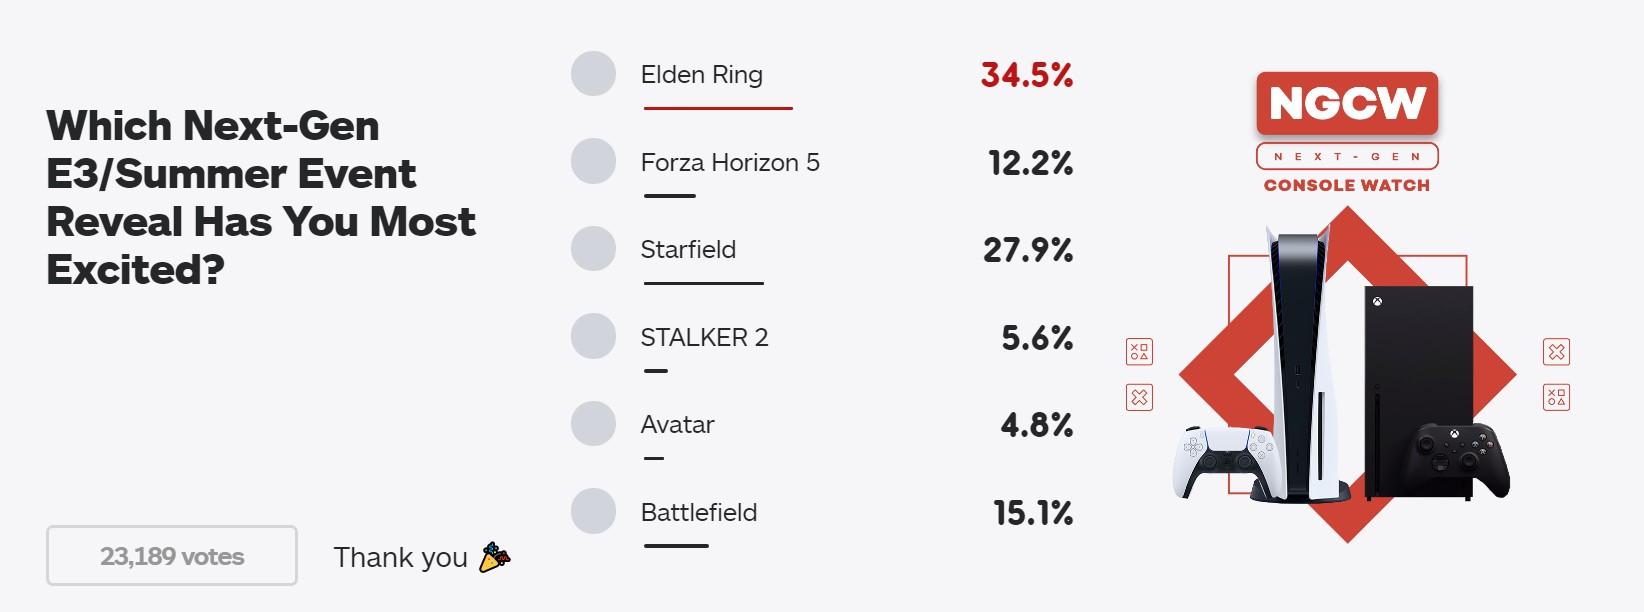 IGN新投票:E3上新作你最期待谁?老头环击败星空